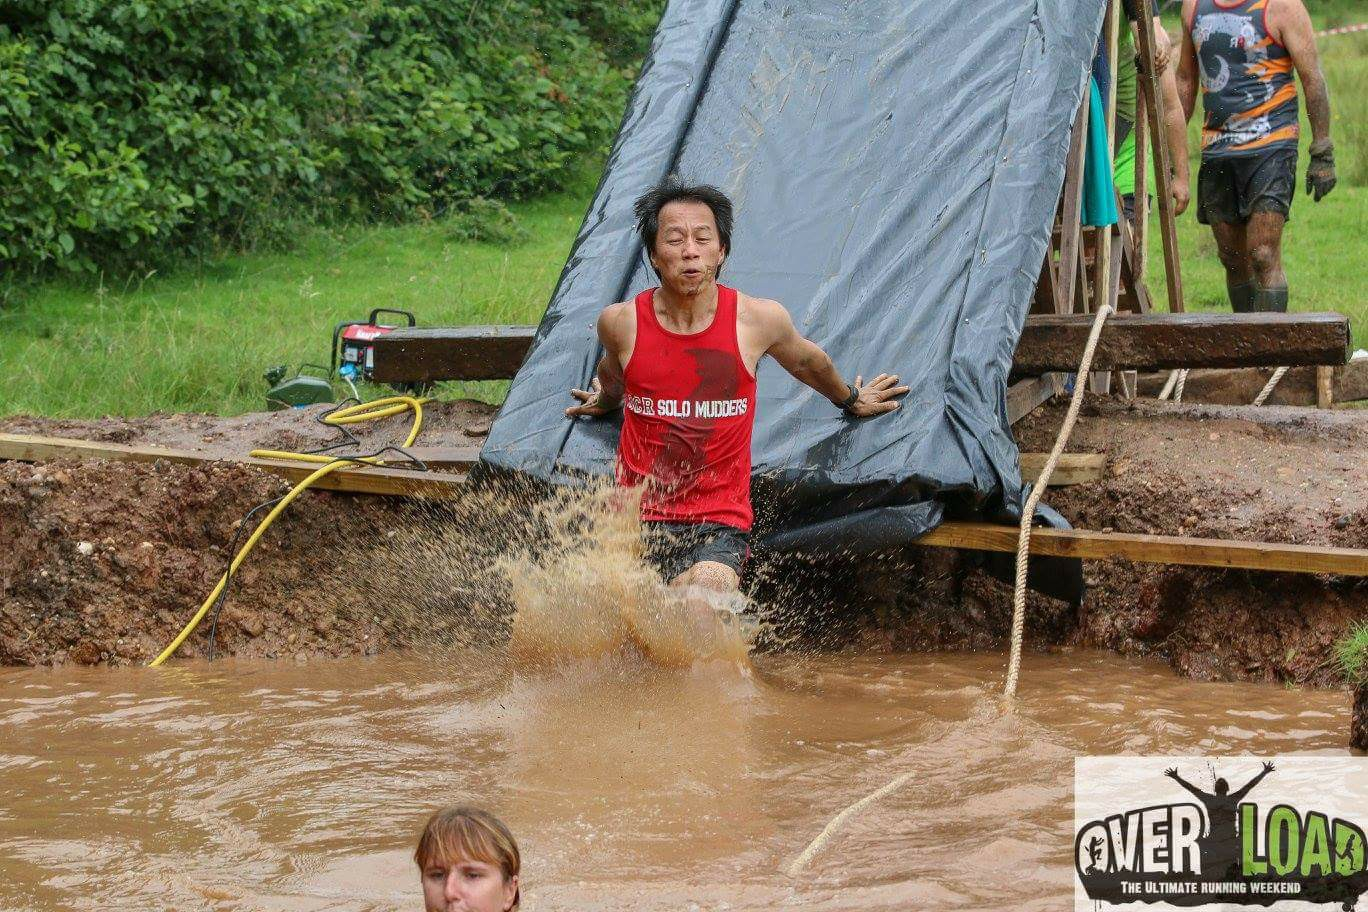 Overload water slide 3